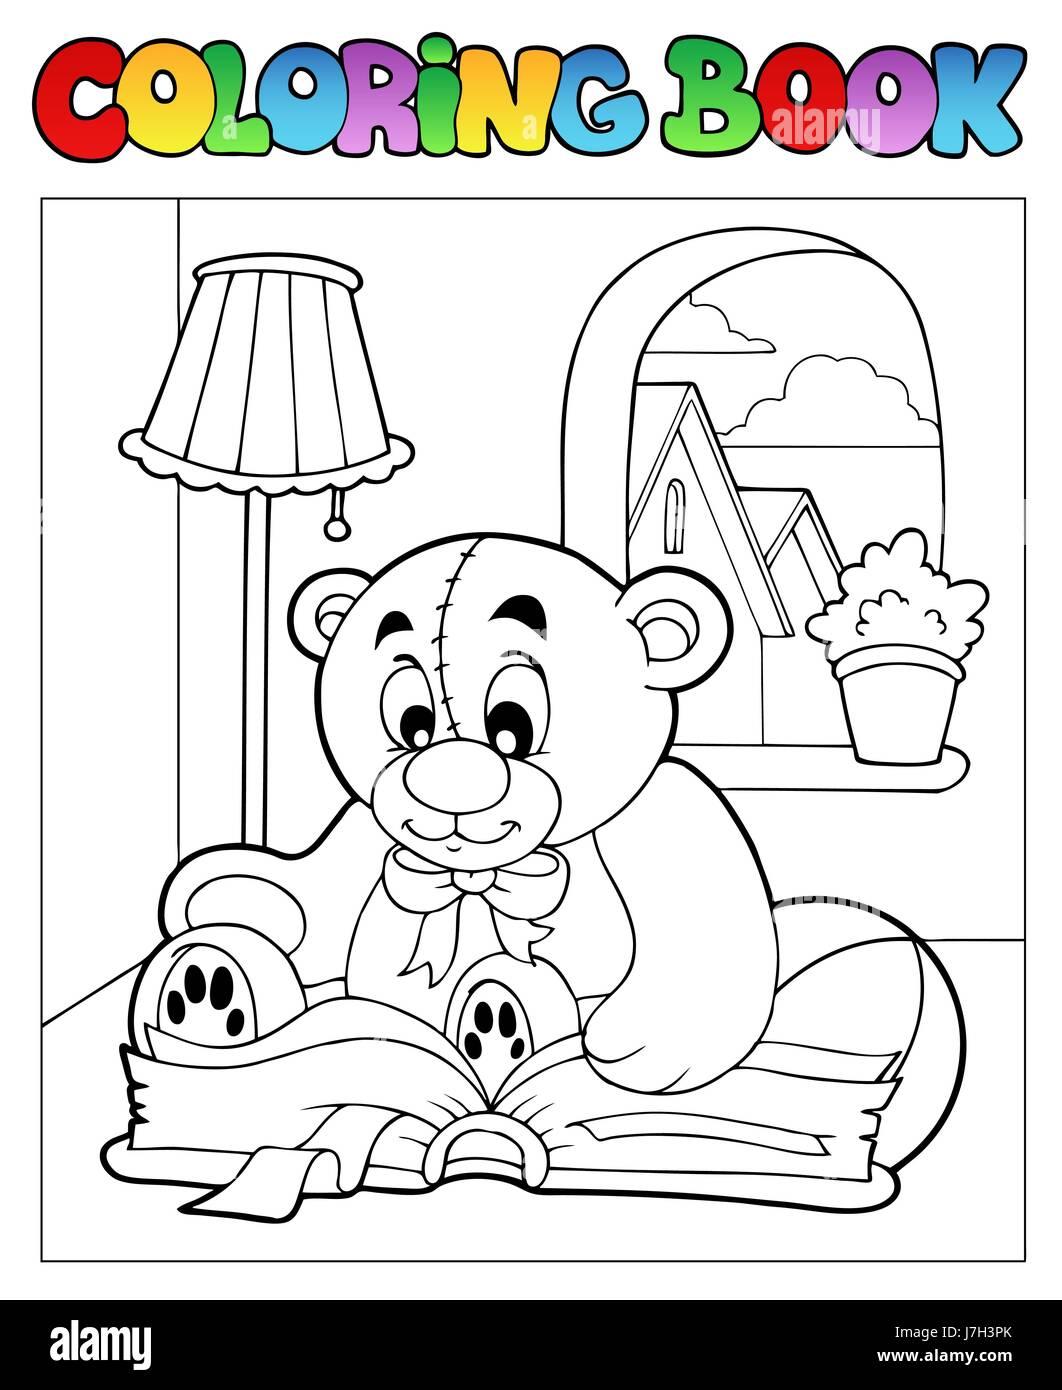 Farbe Bär Teddy Teddybär Teddybär Farbe bemalte Färbung Buch lachen ...